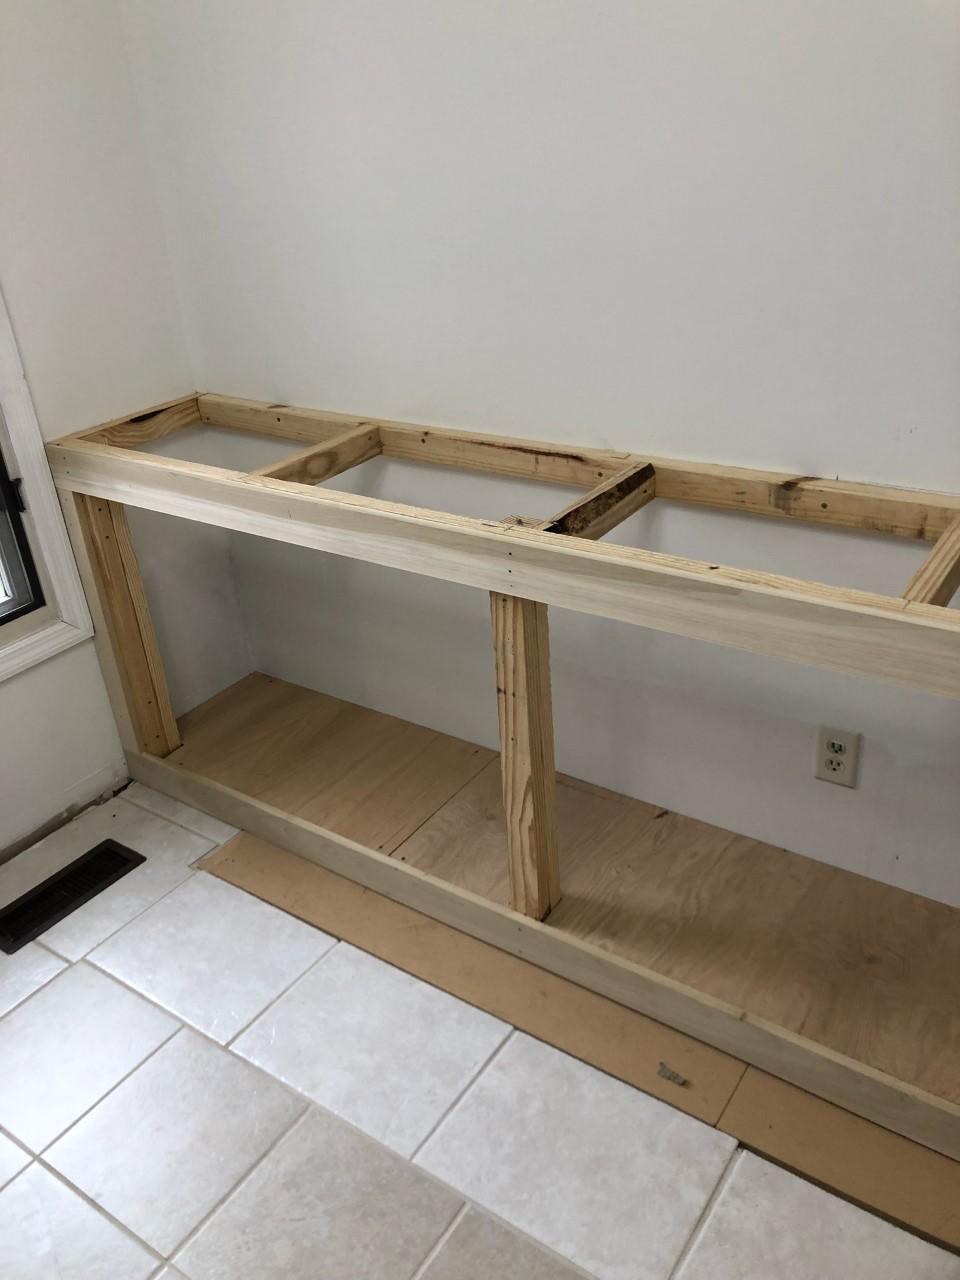 Diy Build Kitchen Cabinets DIY Kitchen Cabinets for Under $200   A Beginner's Tutorial